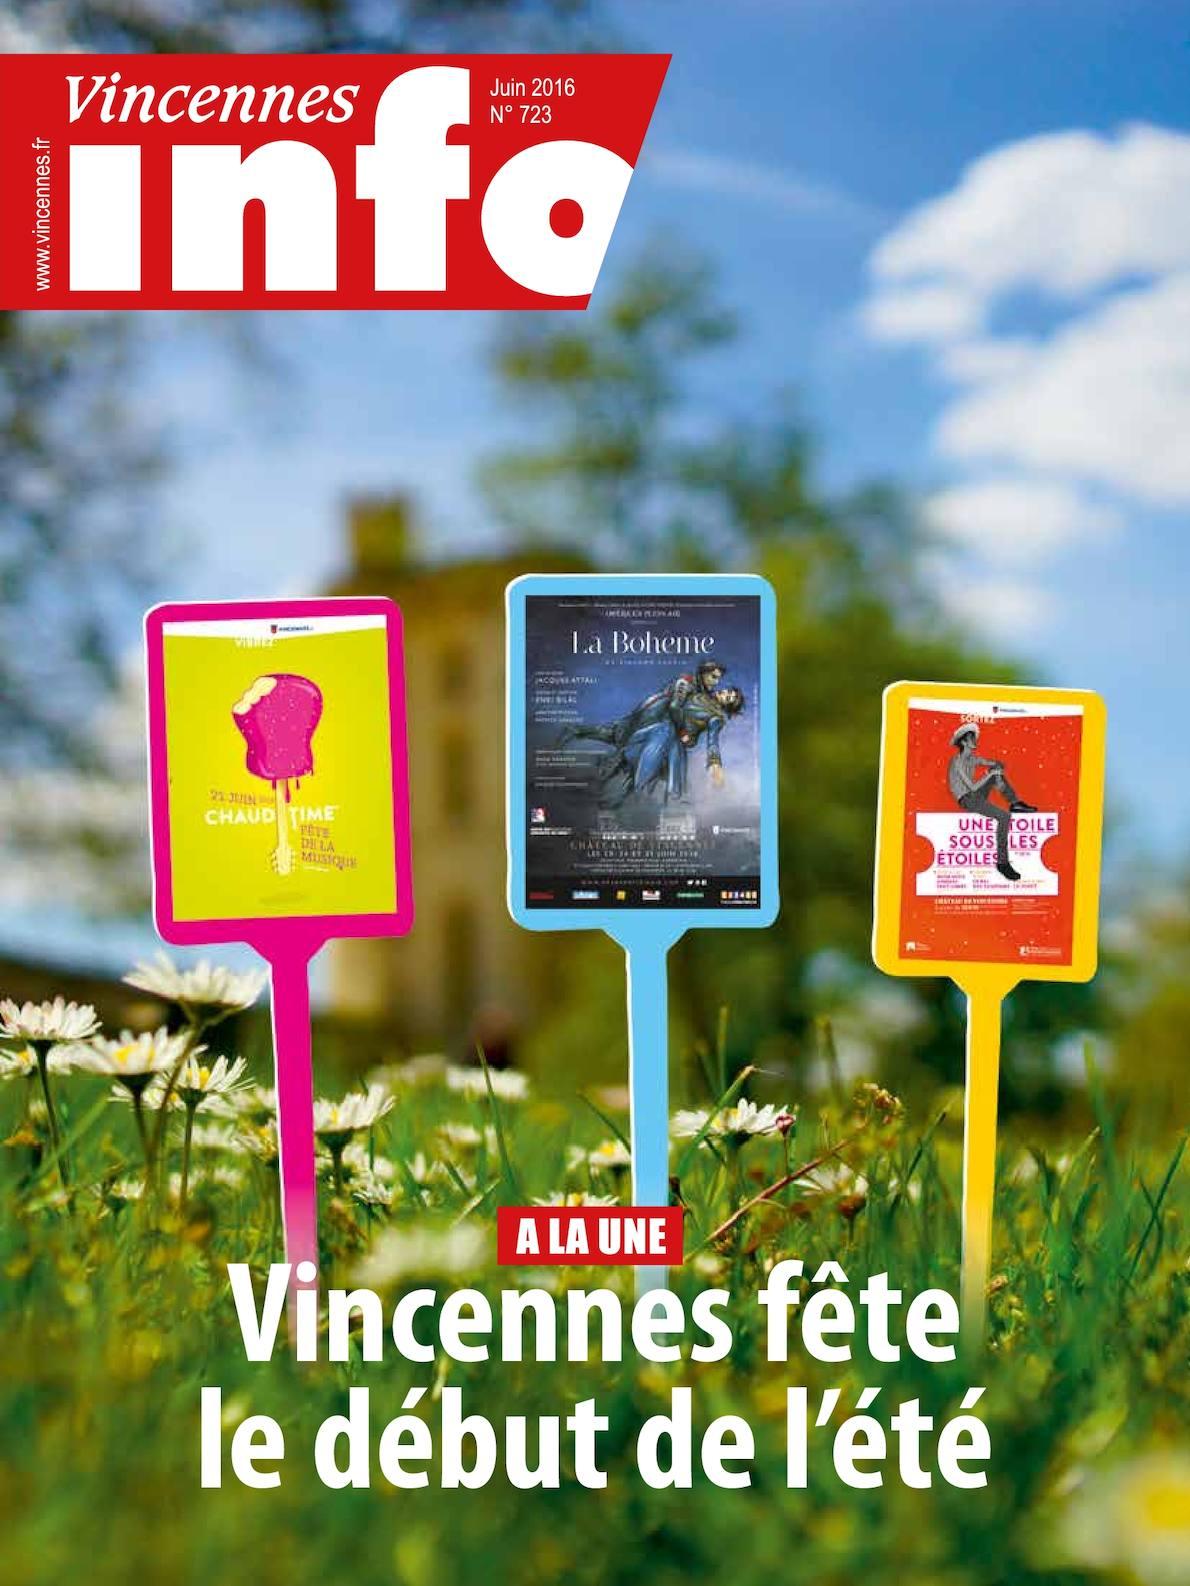 Calam o vincennes info n 723 juin 2016 - Office de tourisme vincennes ...